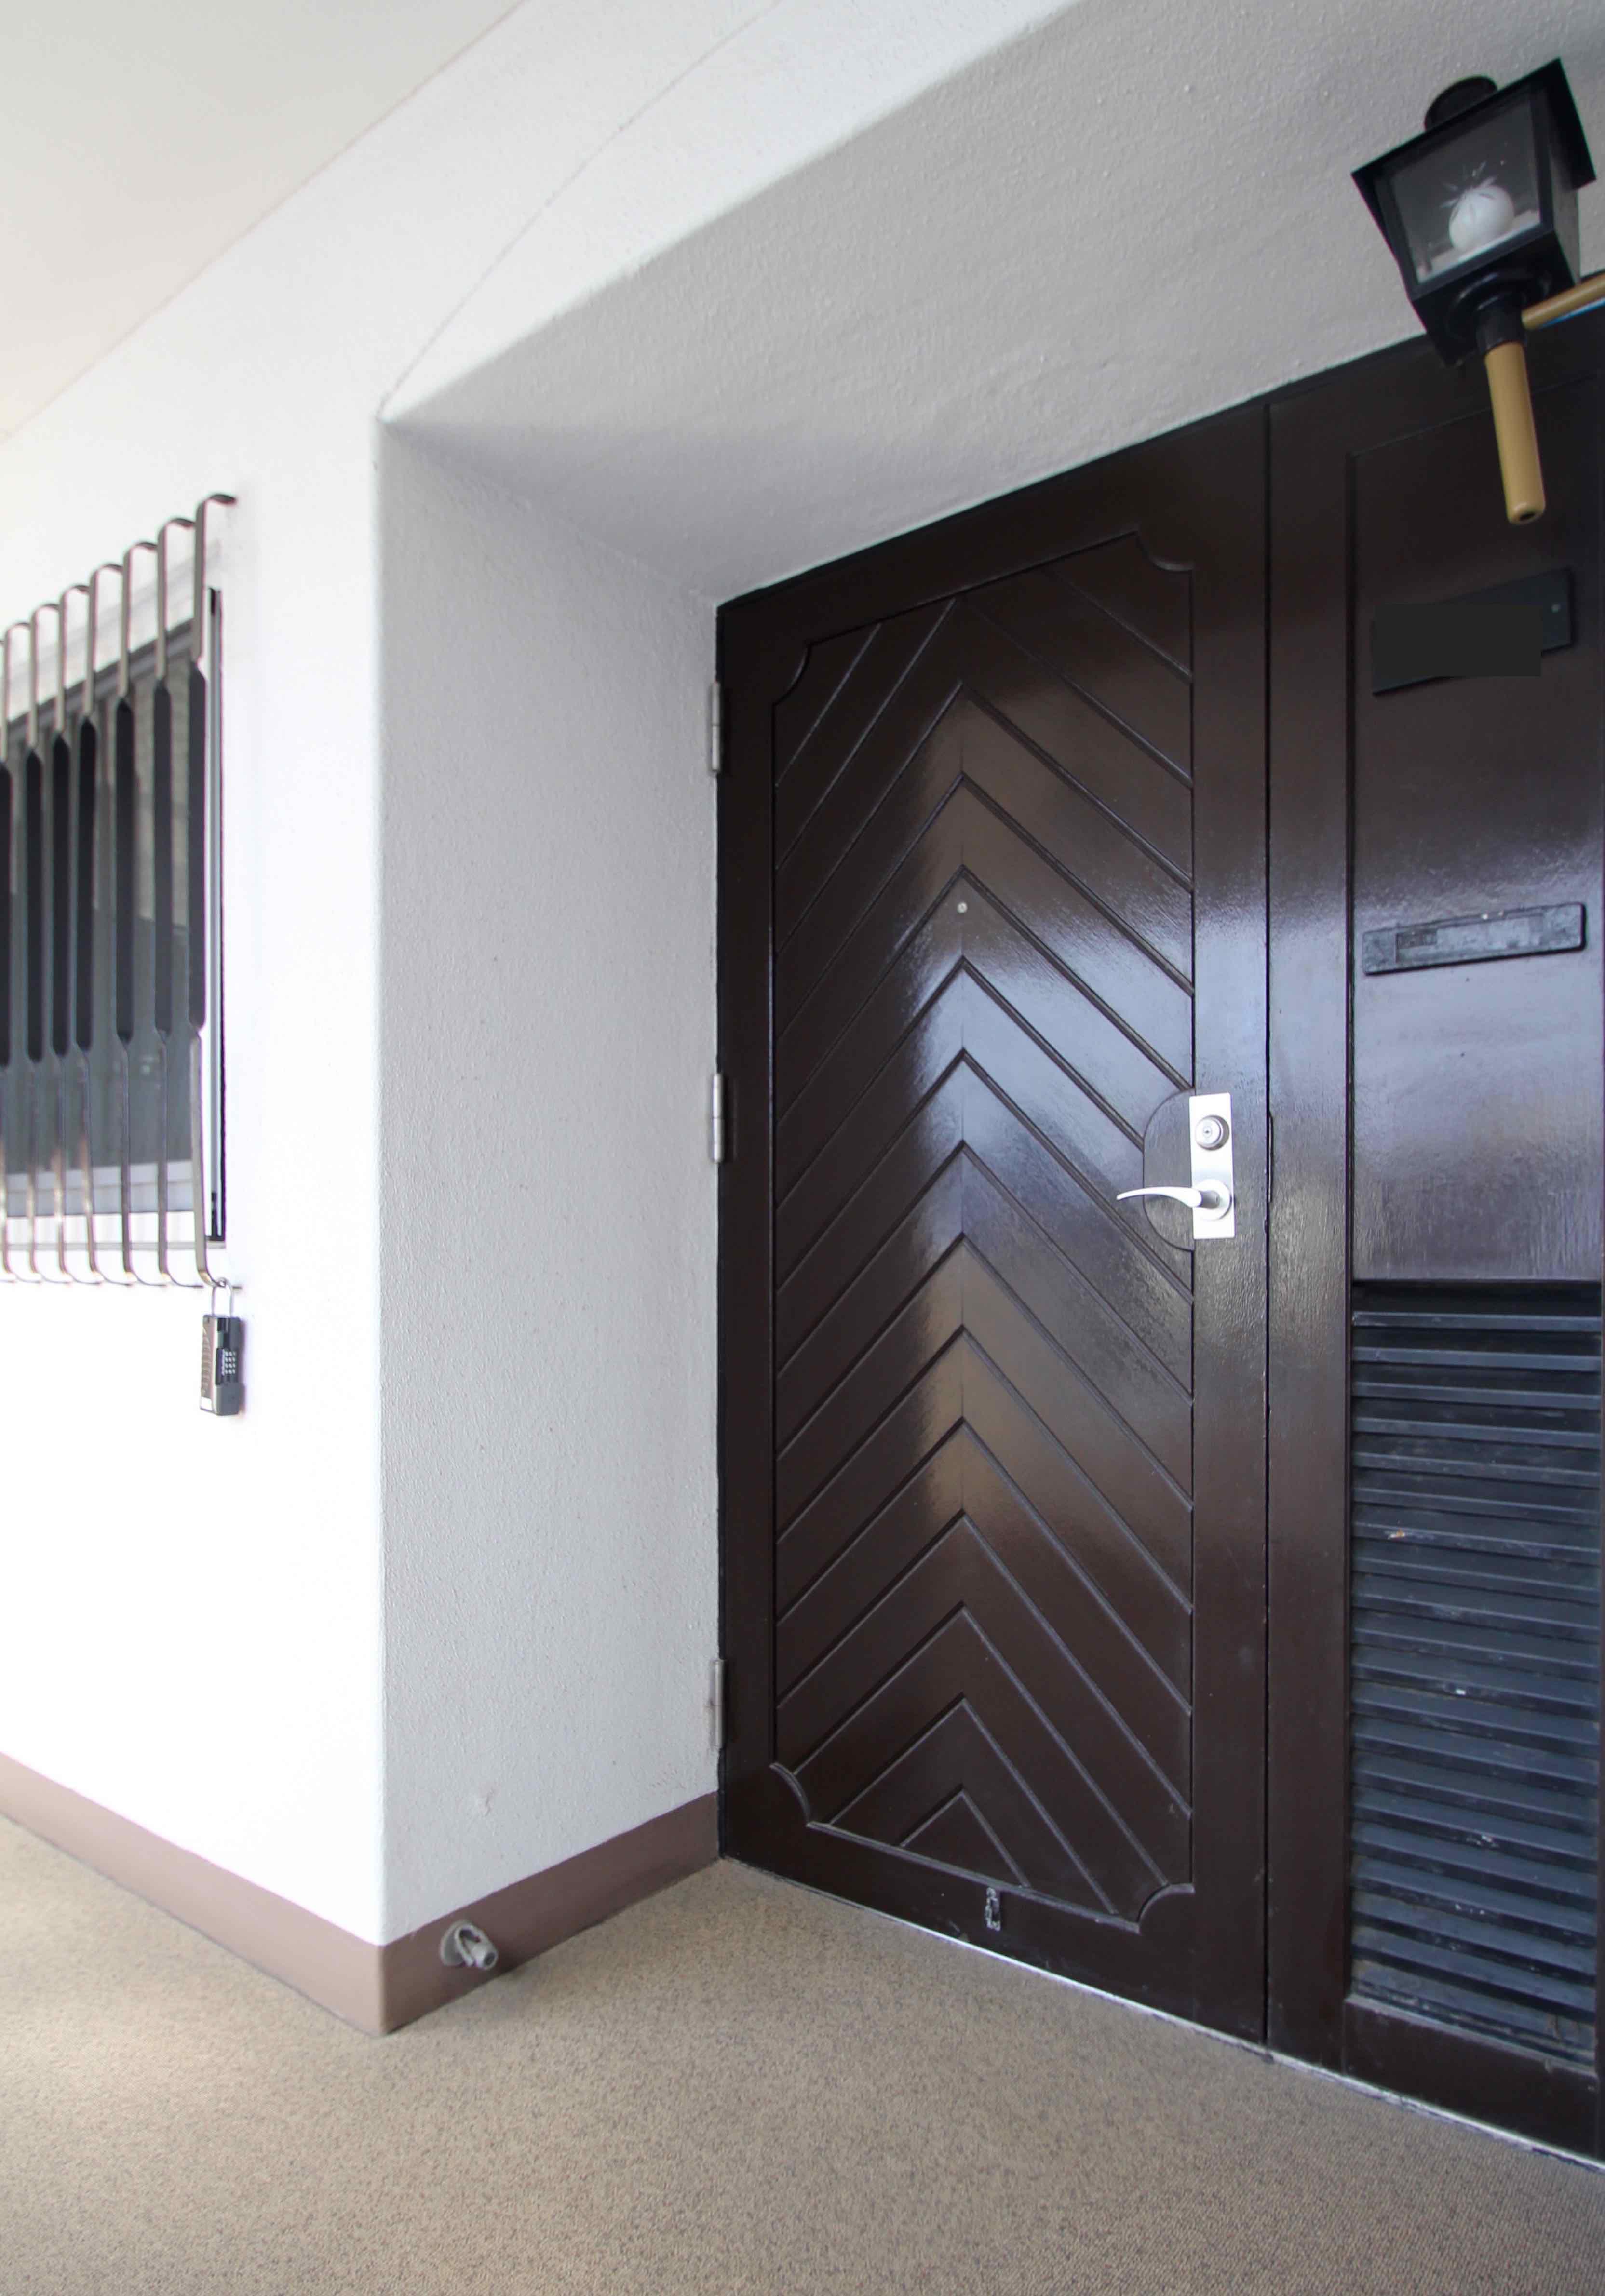 重厚感のあるドアやアーチの格子、ランプのような照明